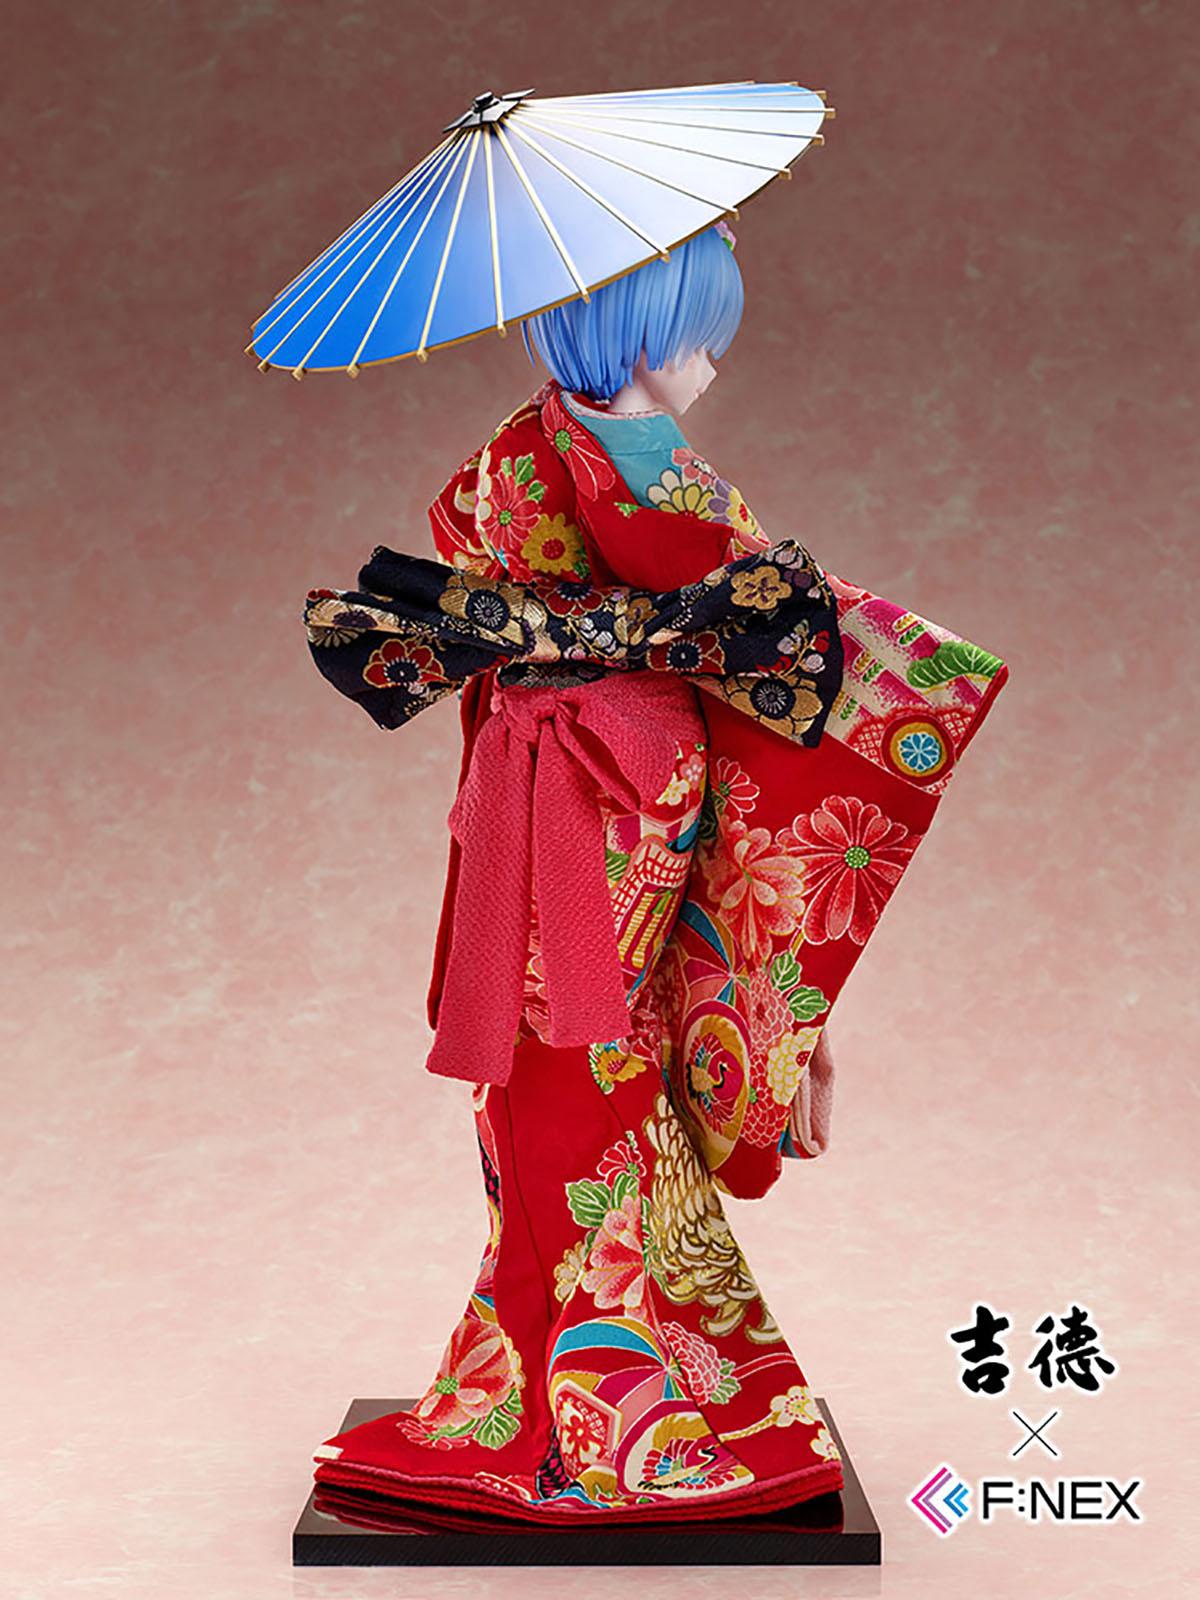 吉徳×F:NEX『レム -日本人形-』Re:ゼロから始める異世界生活 1/4 美少女フィギュア-003